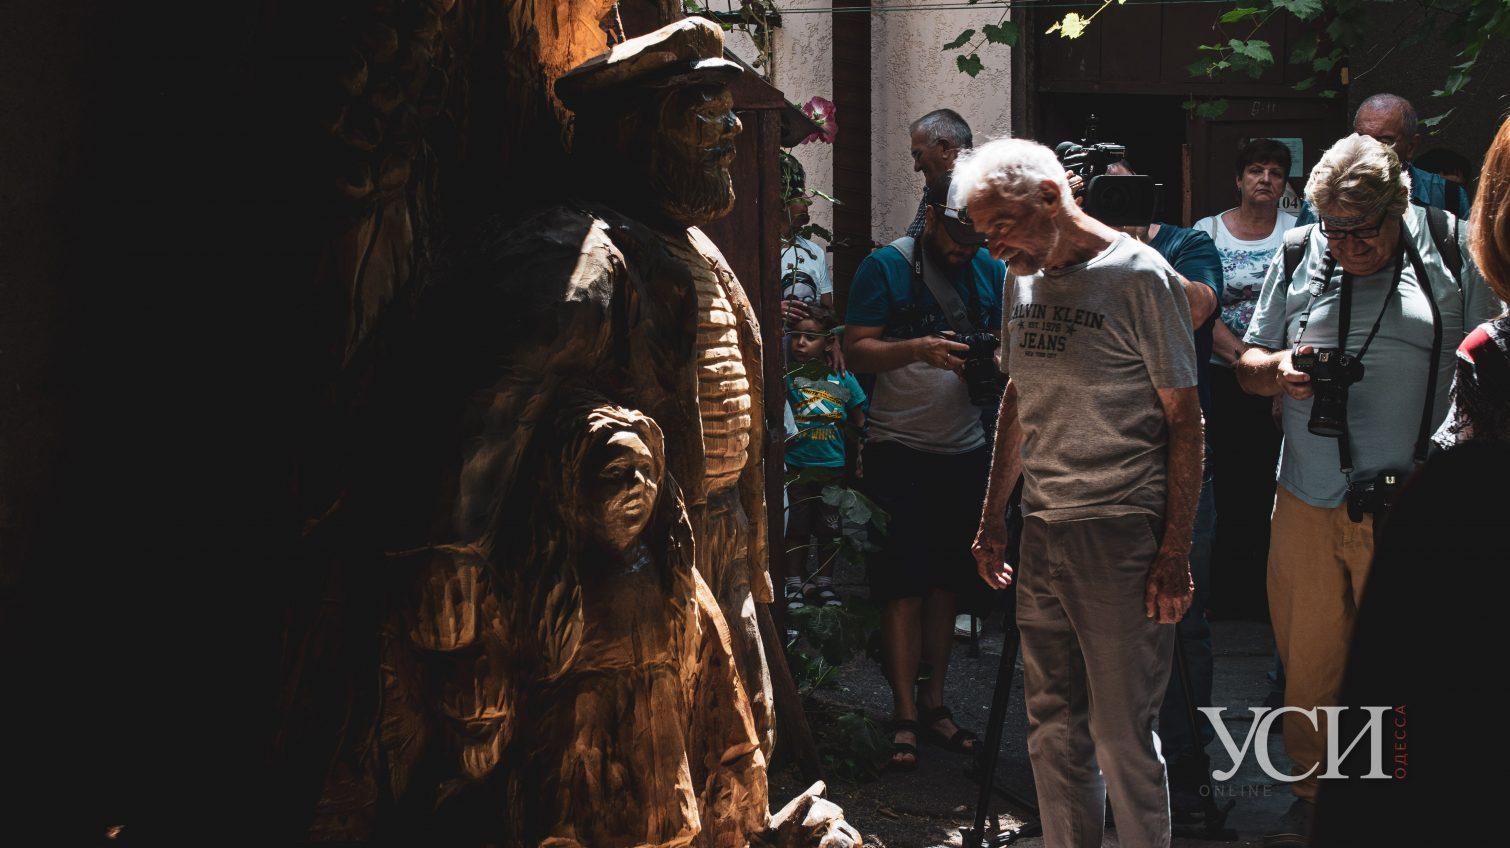 Дерево, старик и незапланированная девочка: в Одессе появилась новая достопримечательность (фото, видео) «фото»